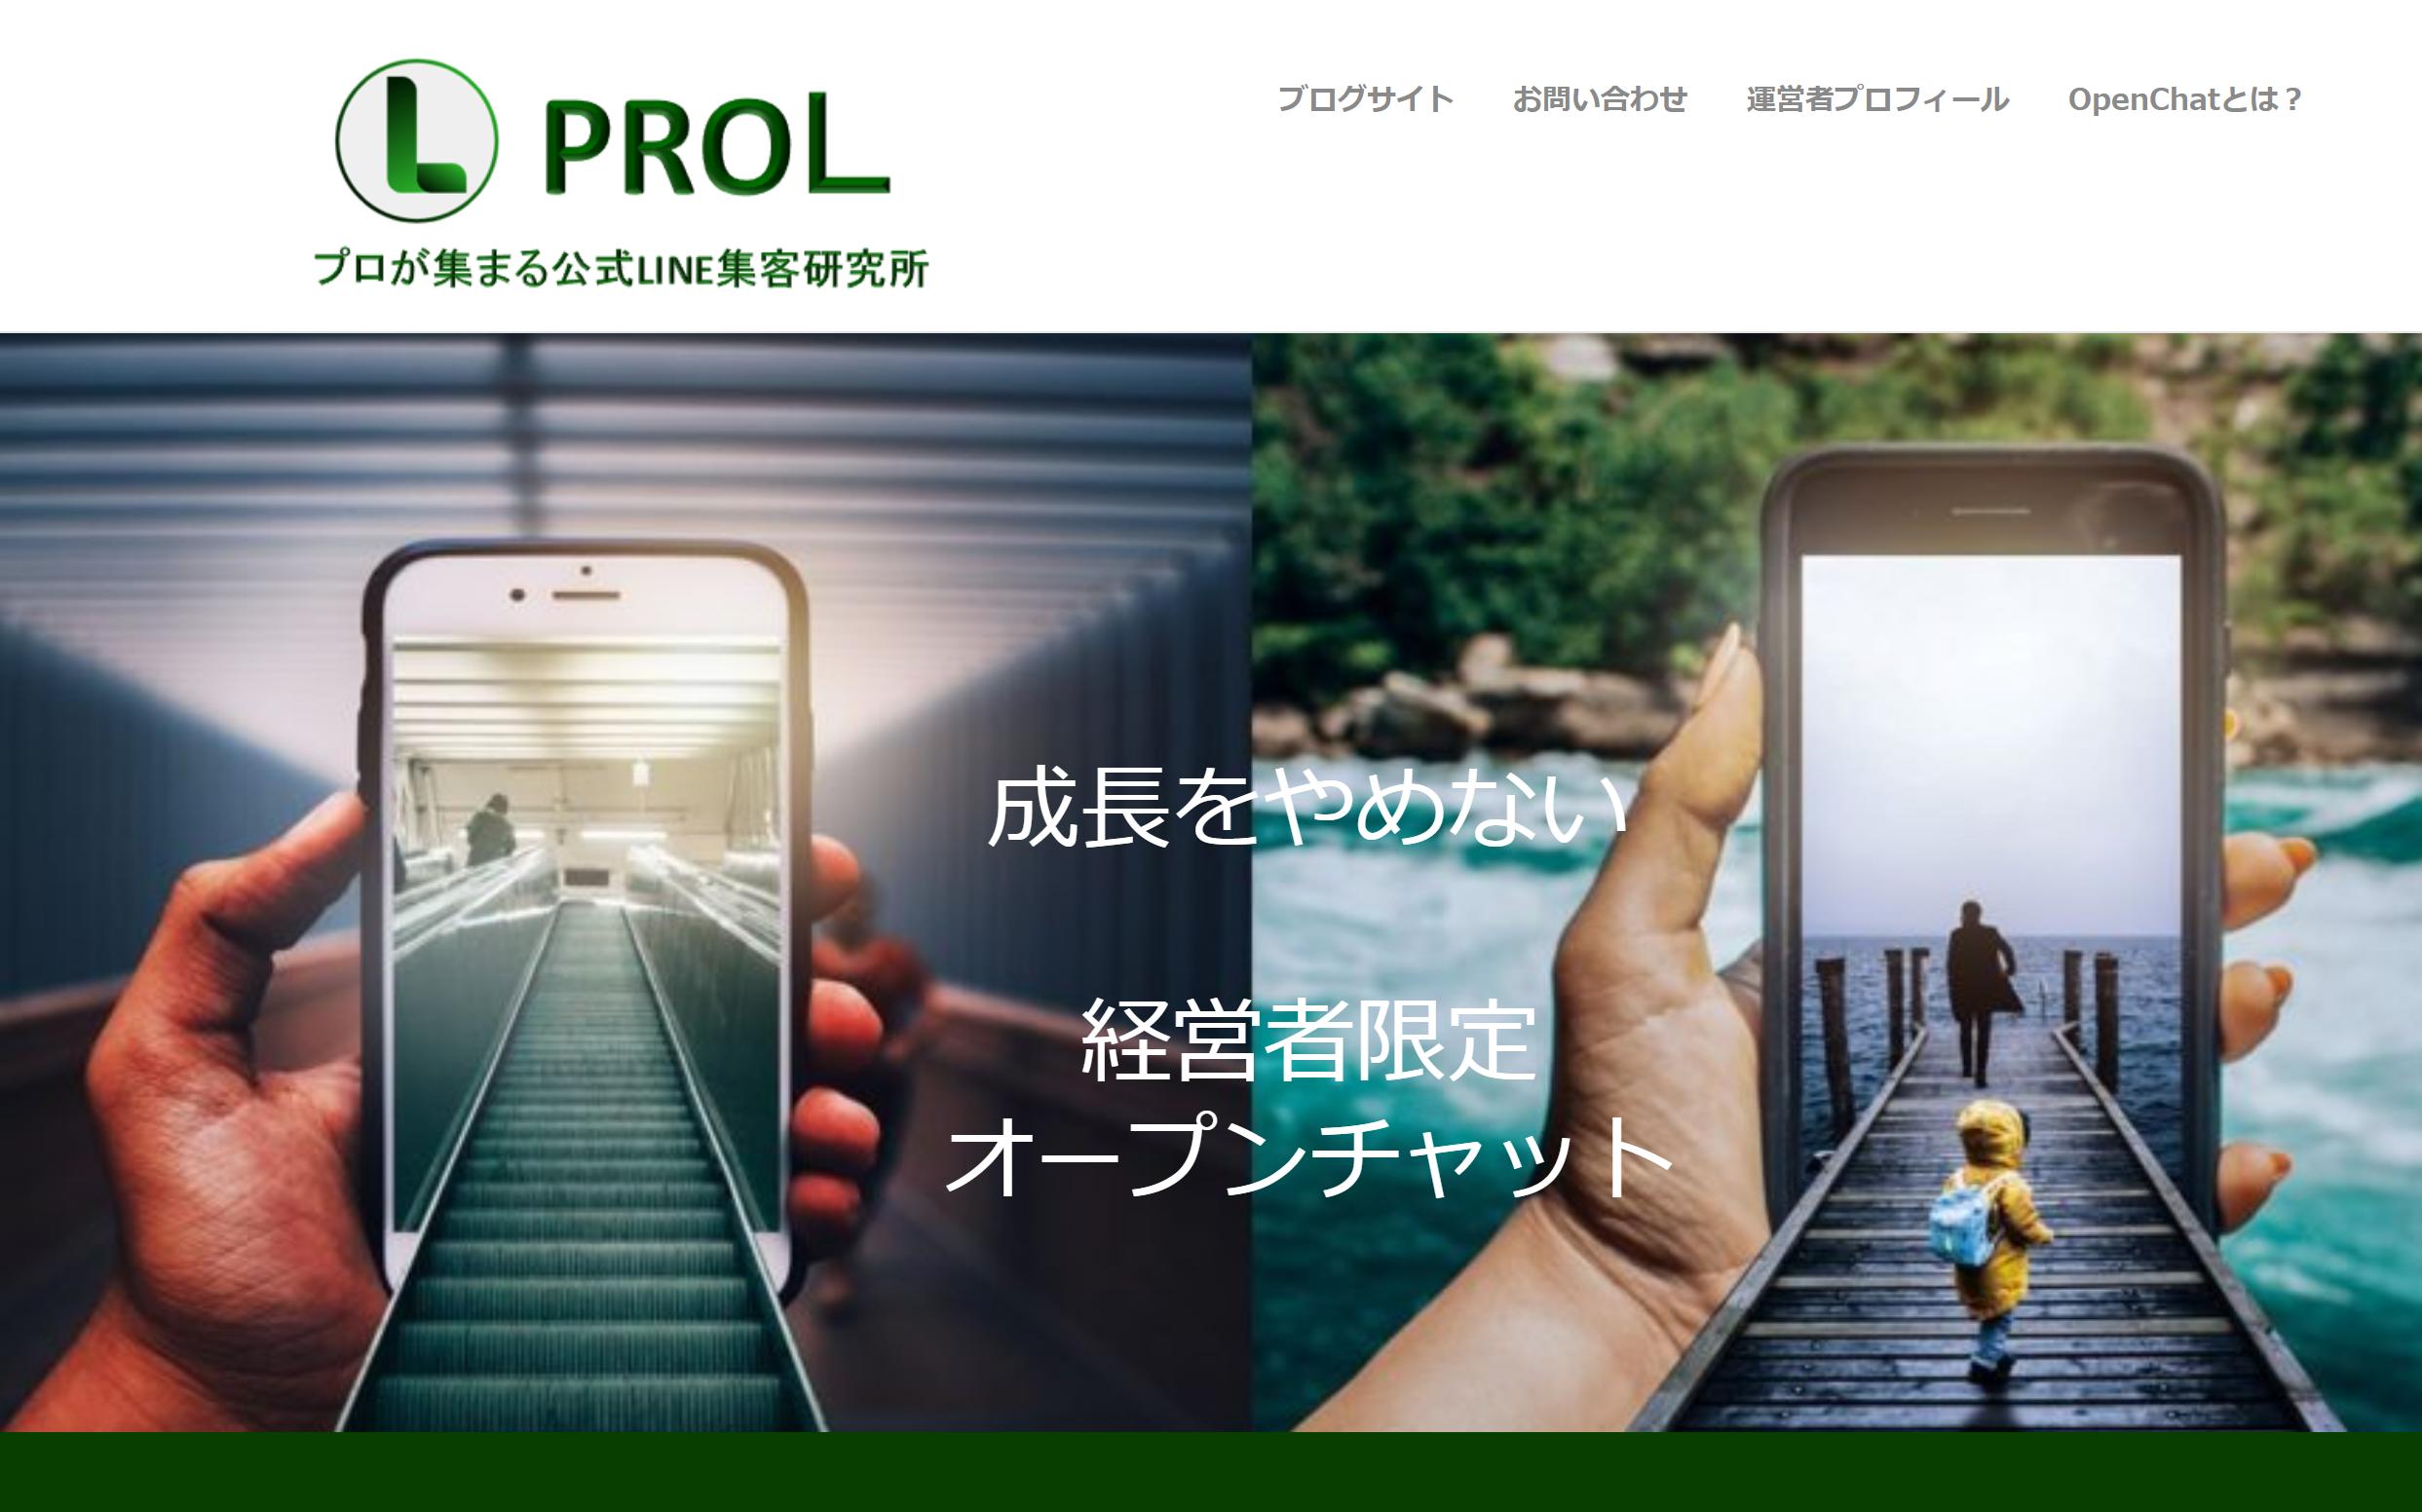 プロが集まる公式LINE集客研究所「PROL」